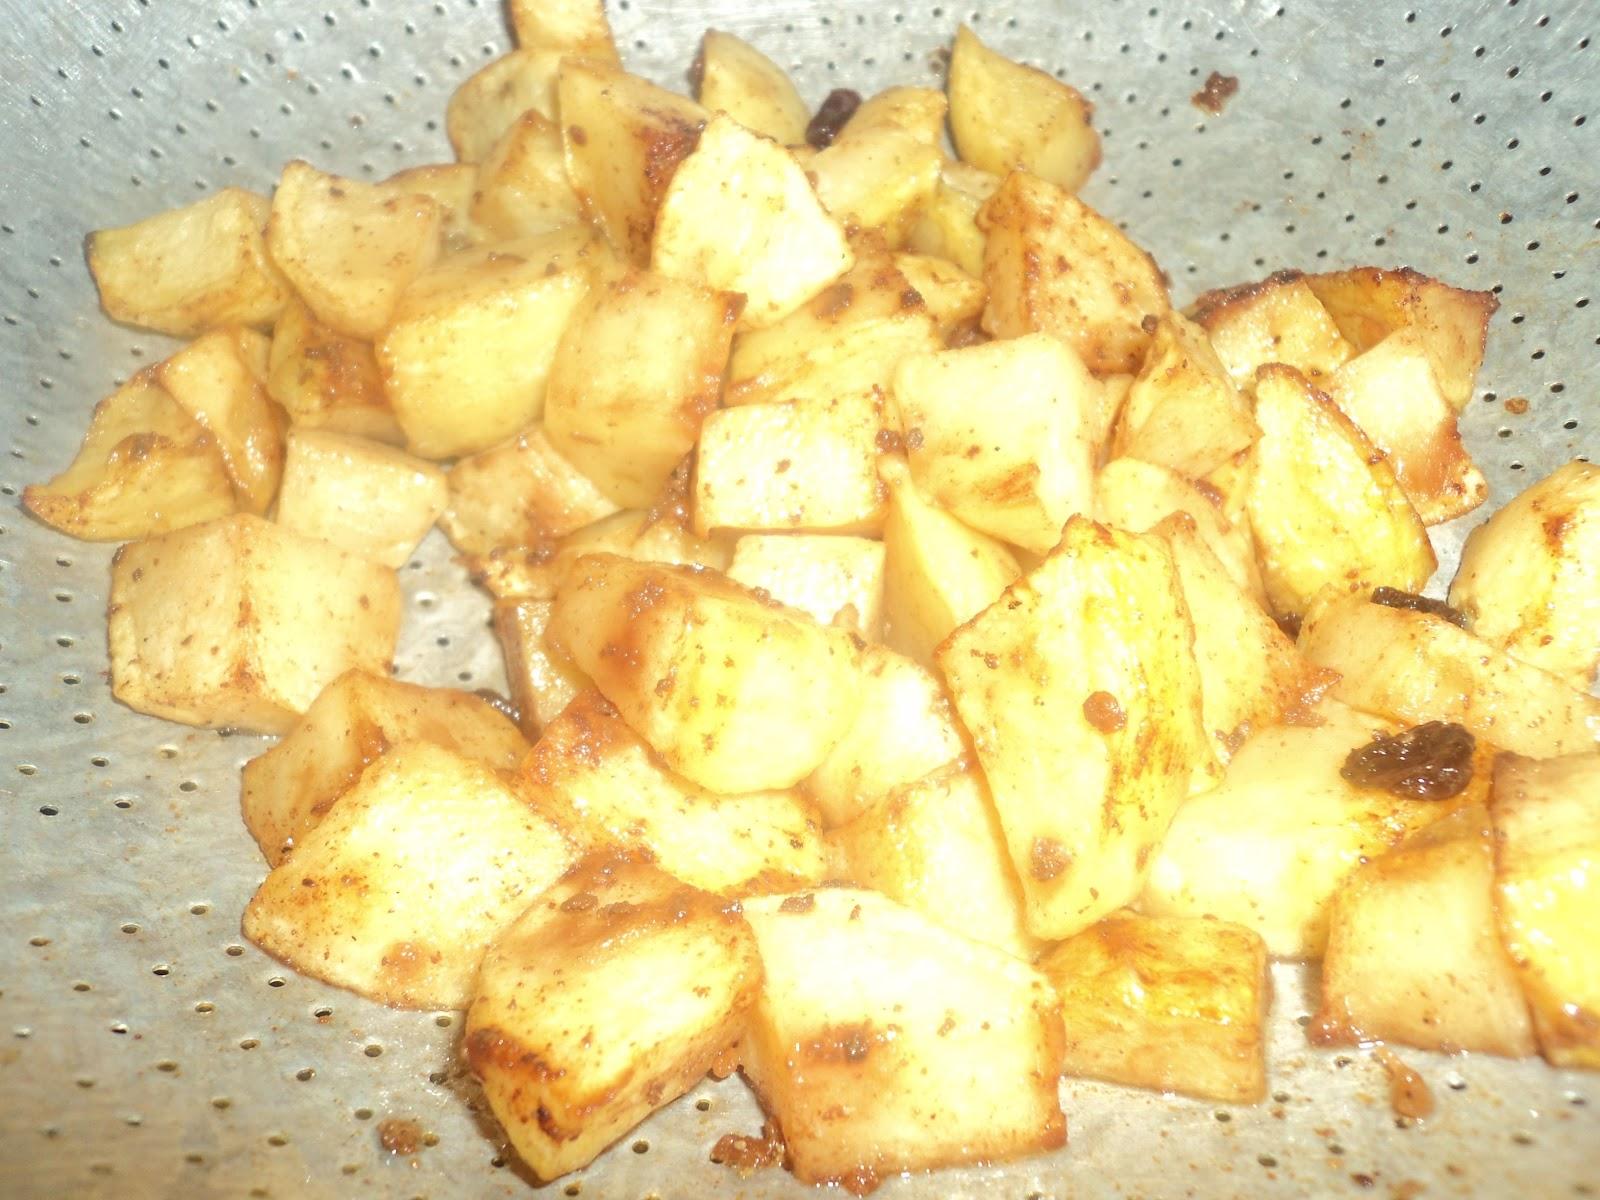 resepi roti jala garing surasmi Resepi Ikan Sardin Goreng Enak dan Mudah